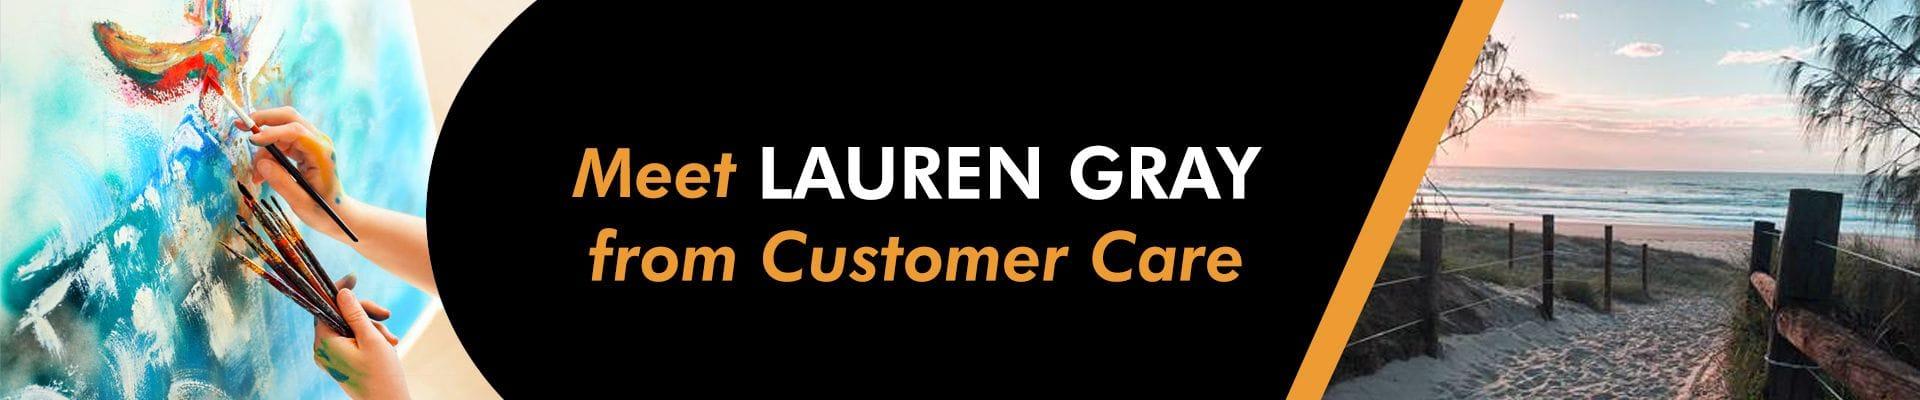 Meet LAUREN GRAY